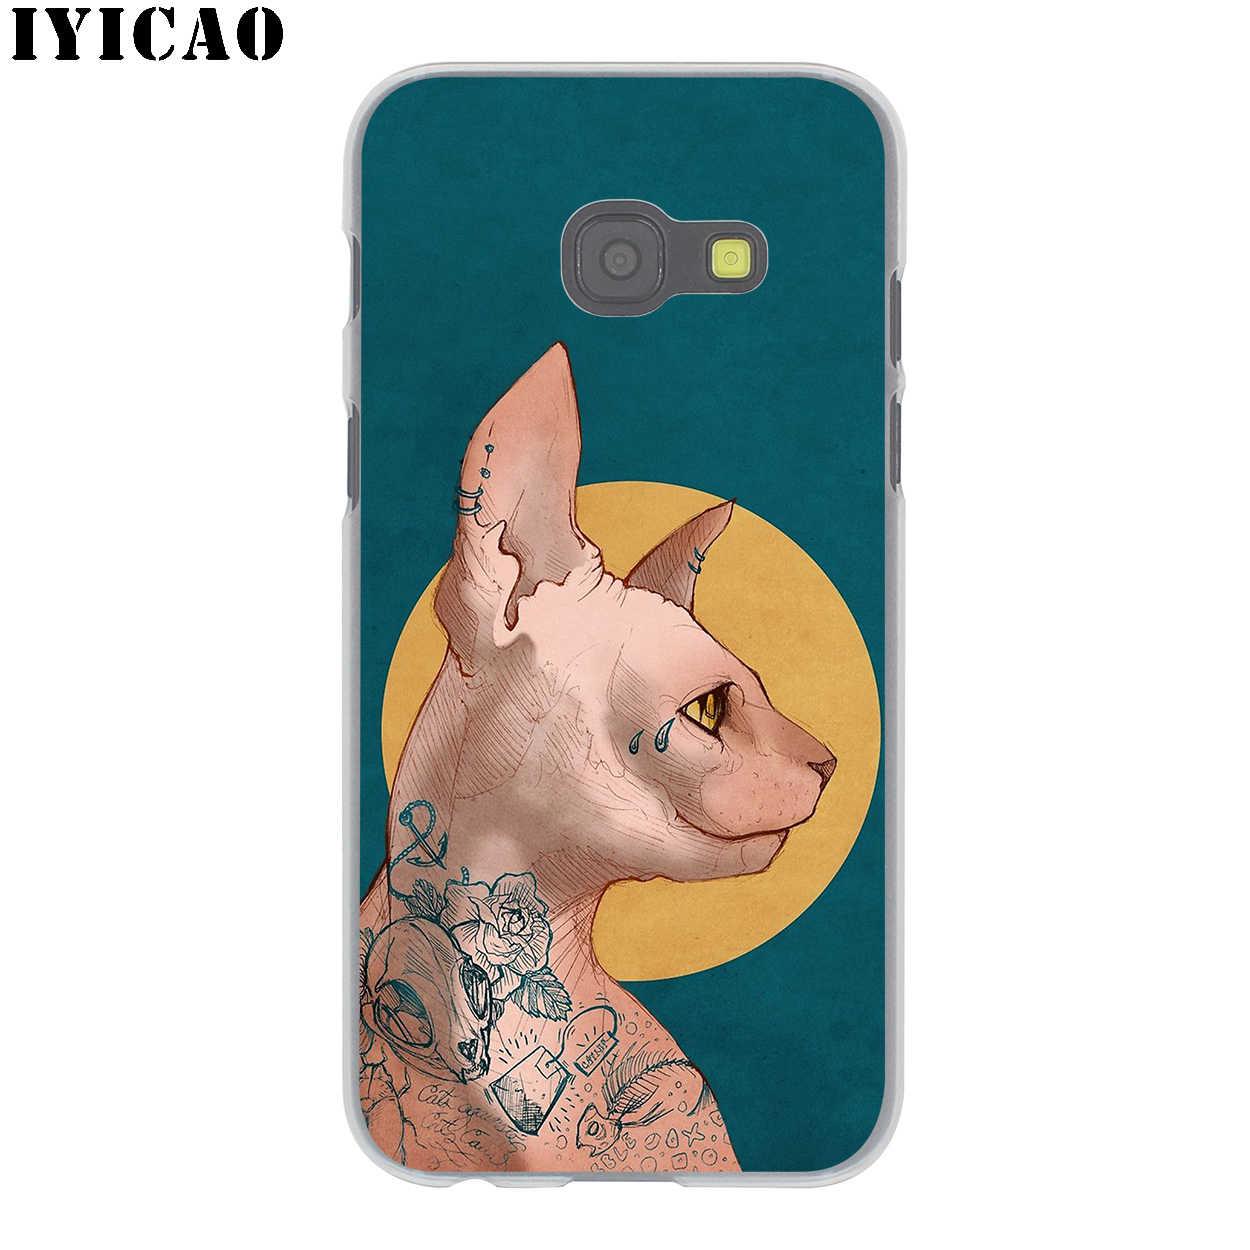 IYICAO Sphinx Chat Dur étui pour samsung Galaxy J6 J5 J1 J2 J3 J7 2017 2016 2015 Premier J7 NOUS J5 L'UE version